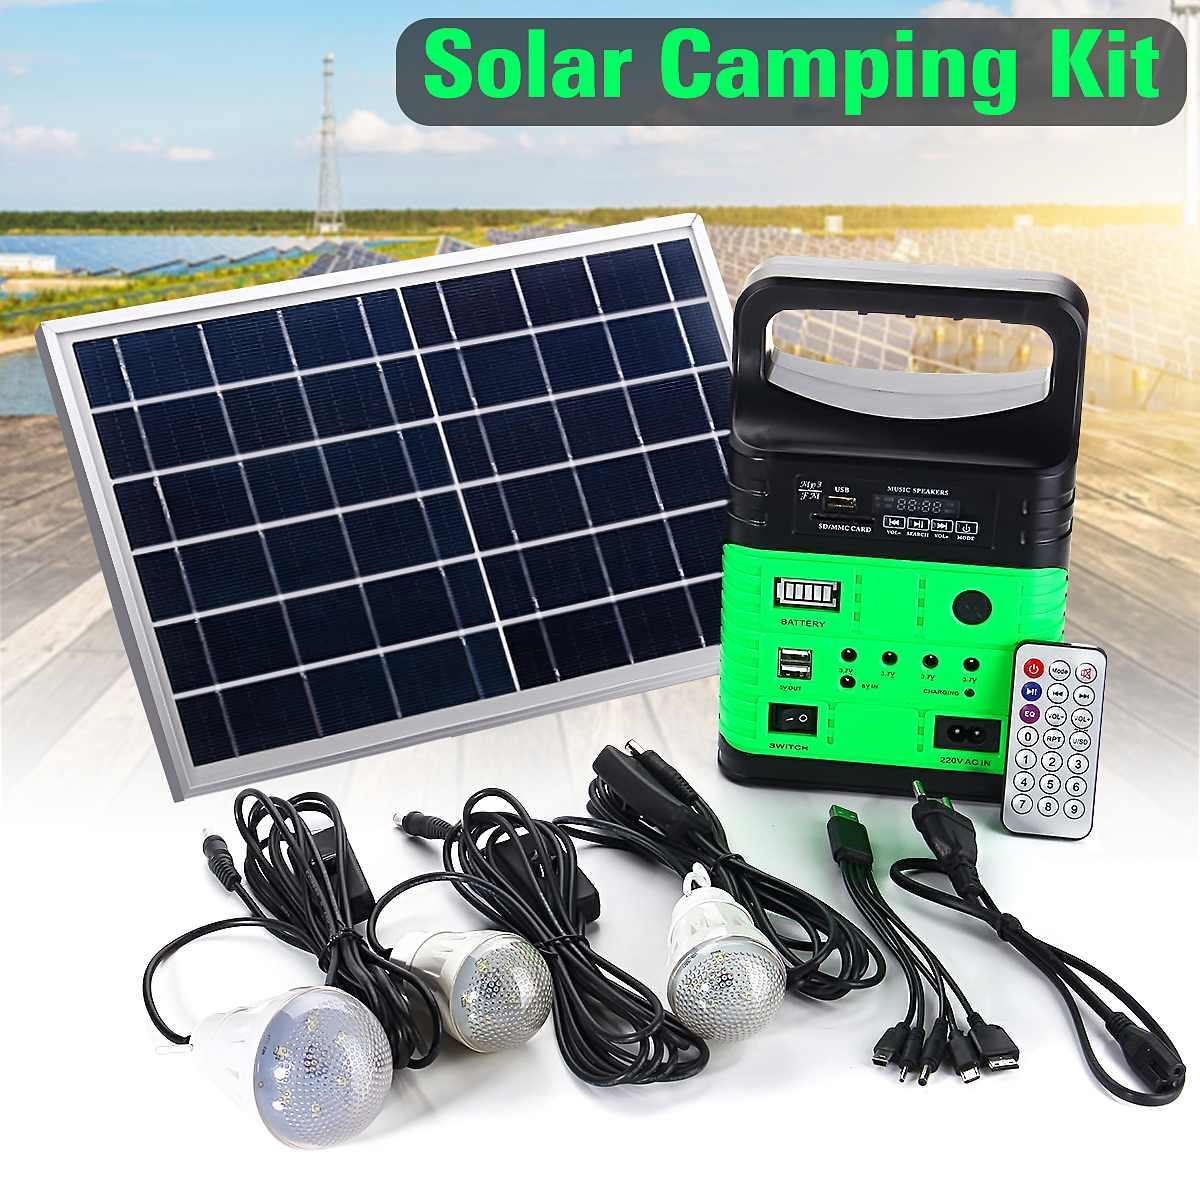 smuxi gerador solar portatil de energia ao ar livre mini dc6w painel solar 6v 9ah chumbo